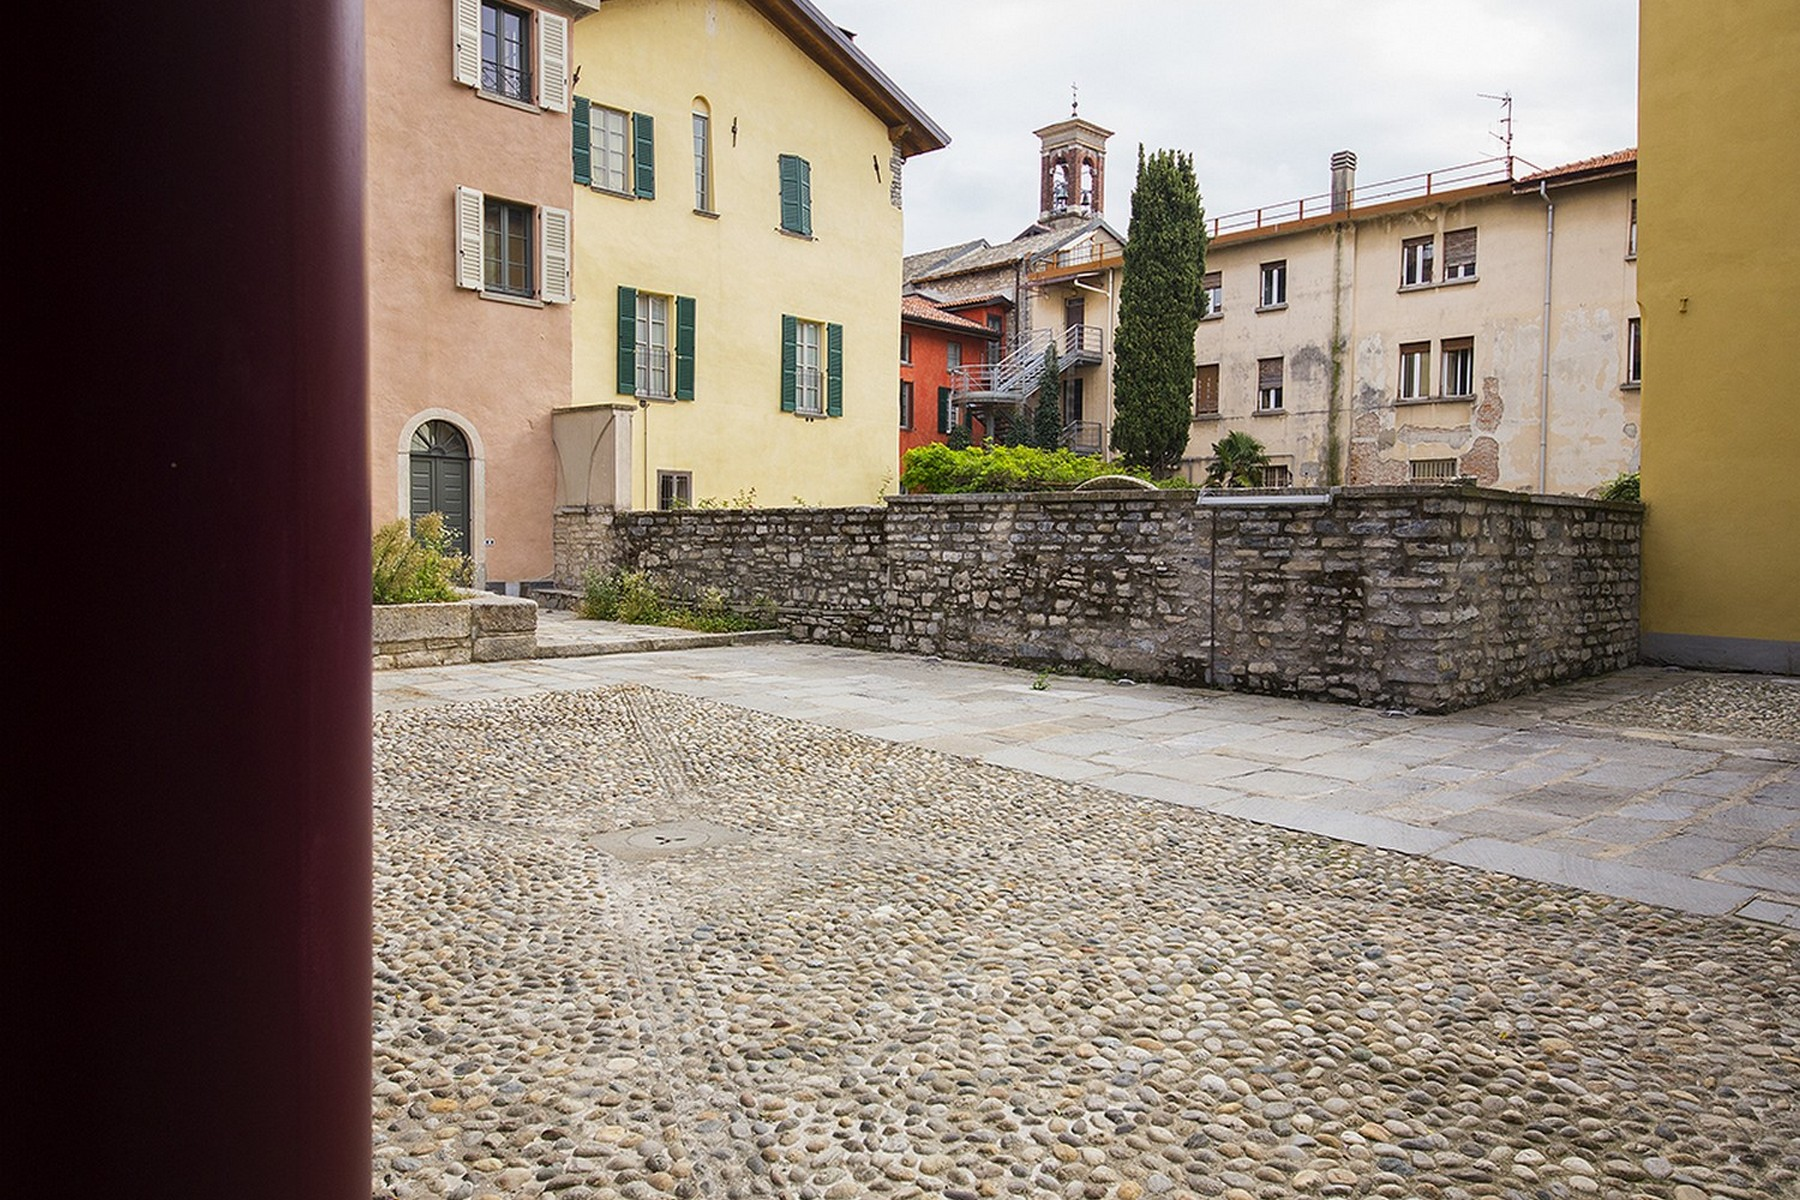 Casa indipendente in Vendita a Como: 3 locali, 82 mq - Foto 1